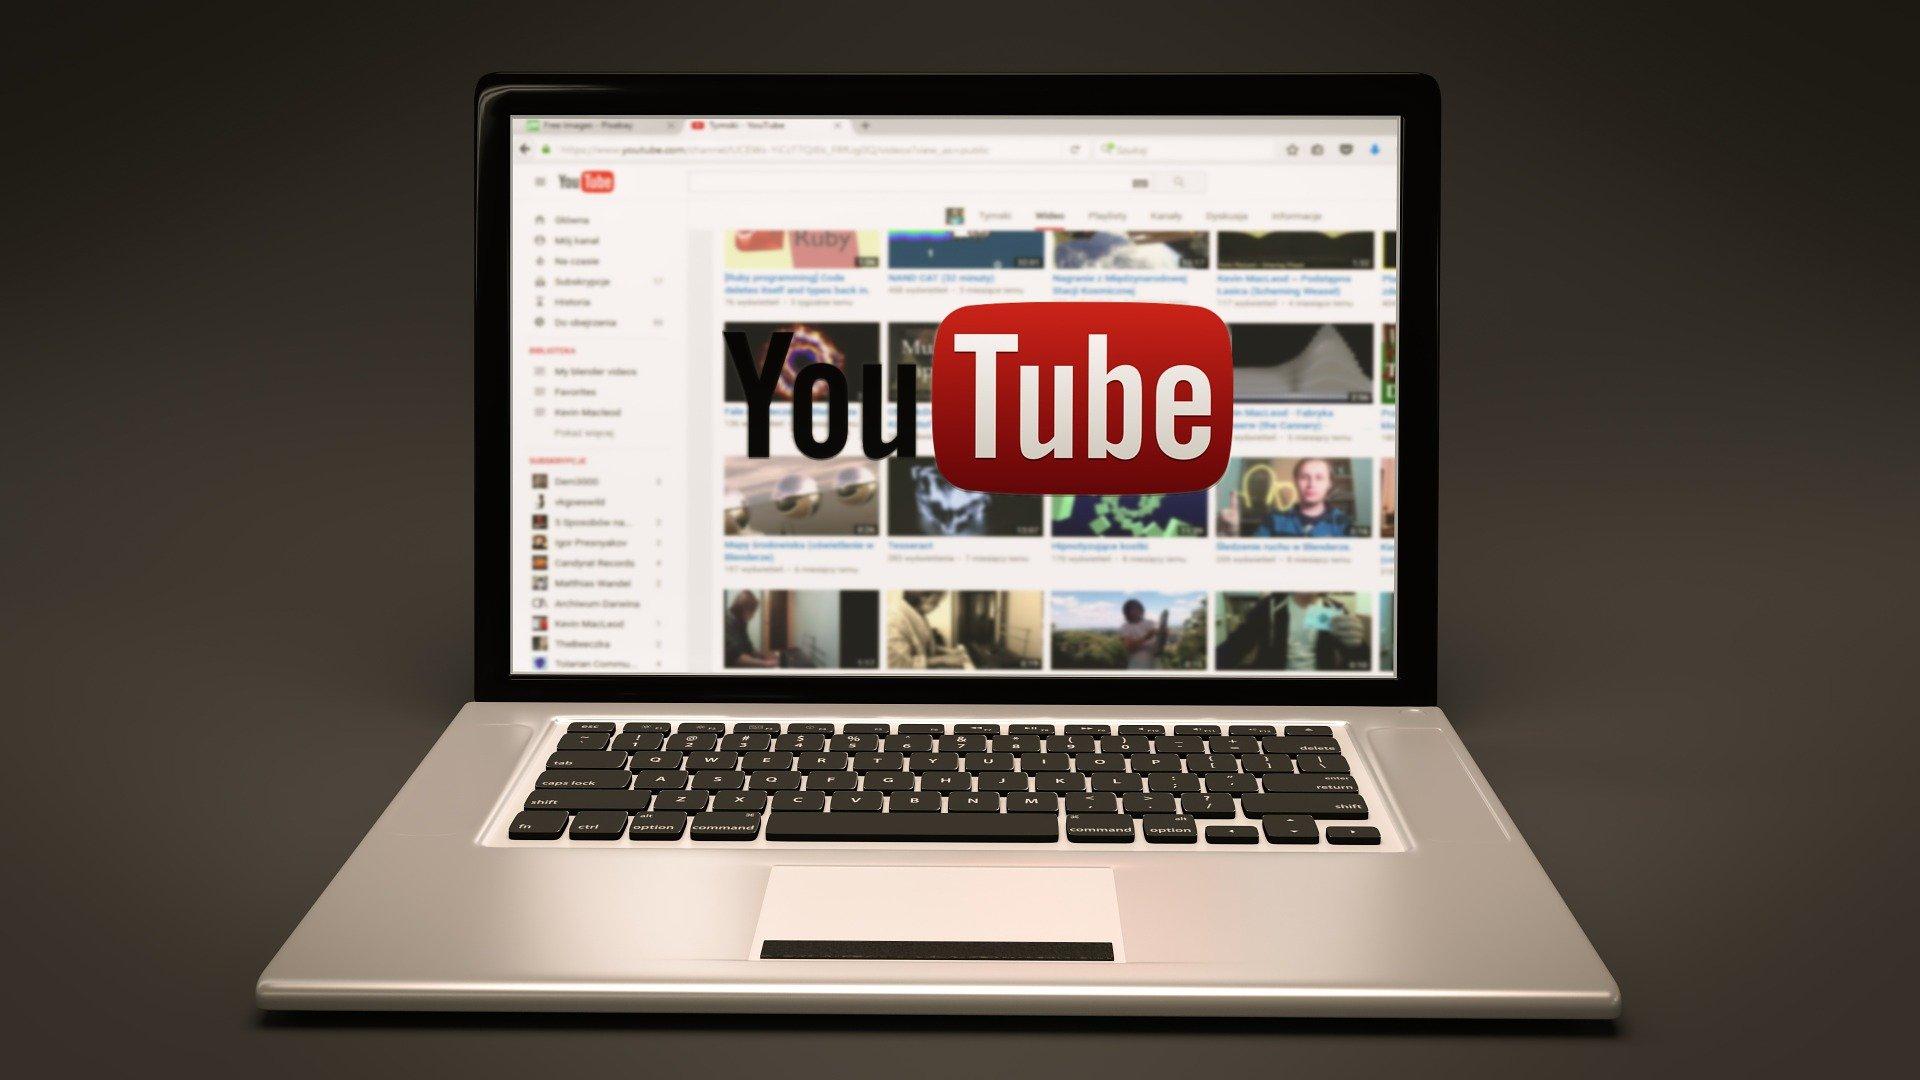 バックグラウンド再生ができる?広告が消える?YouTubeプレミアムの実態!